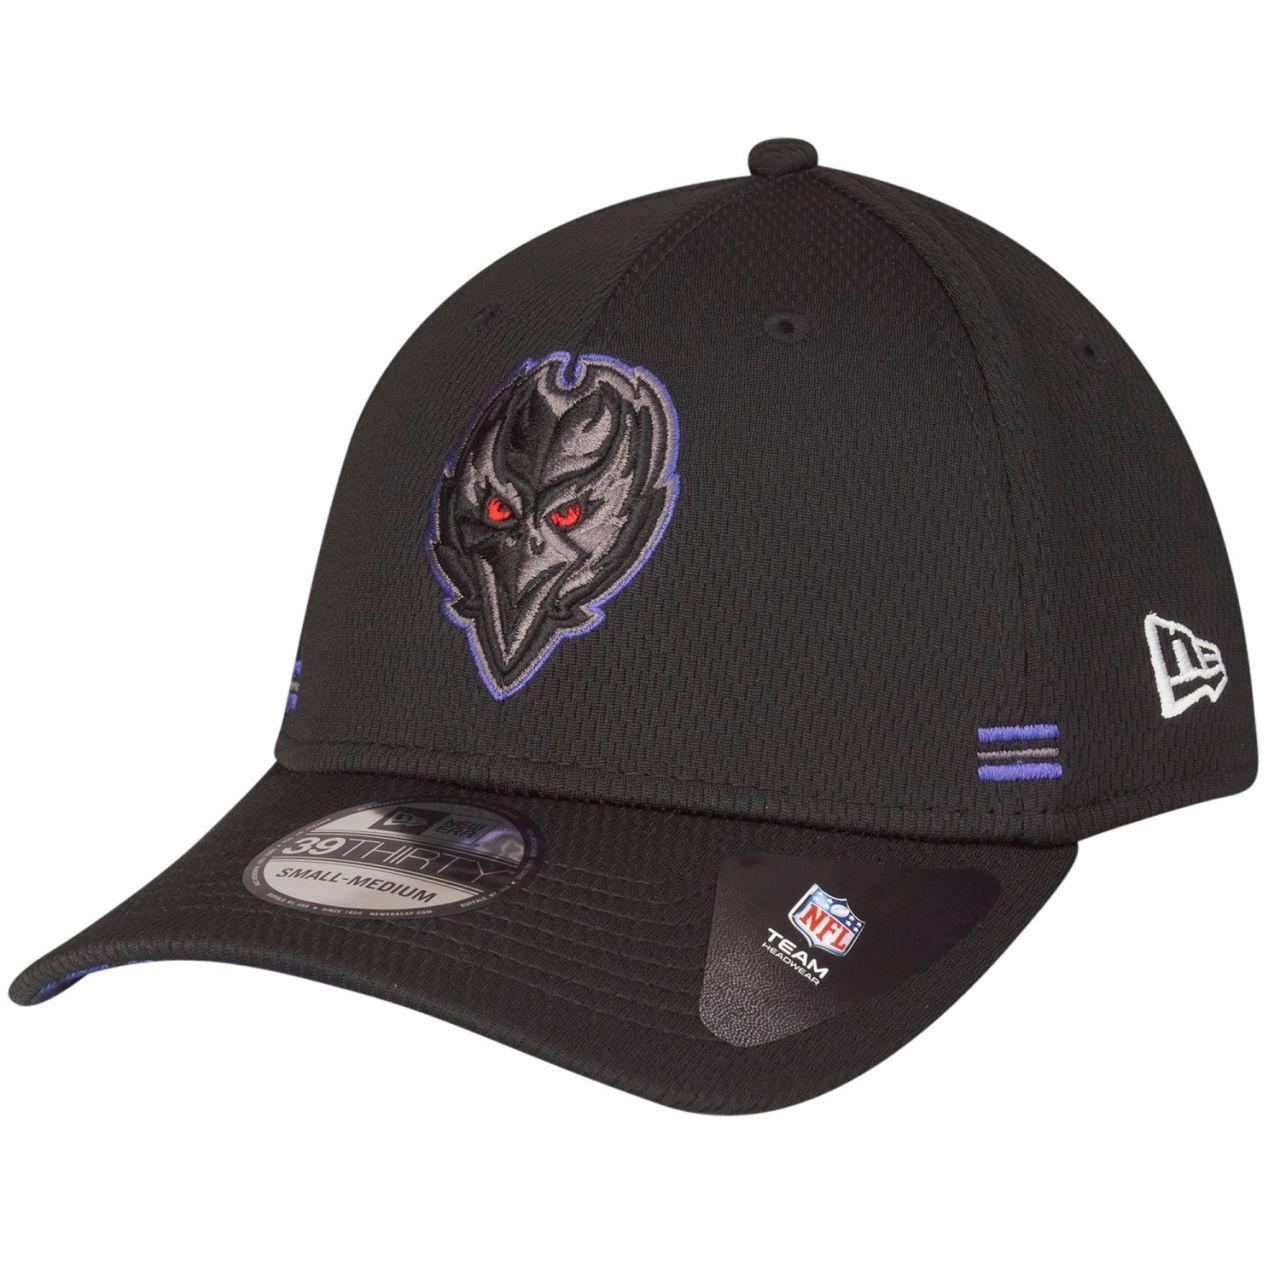 amfoo - New Era 39Thirty Cap - HOMETOWN Baltimore Ravens